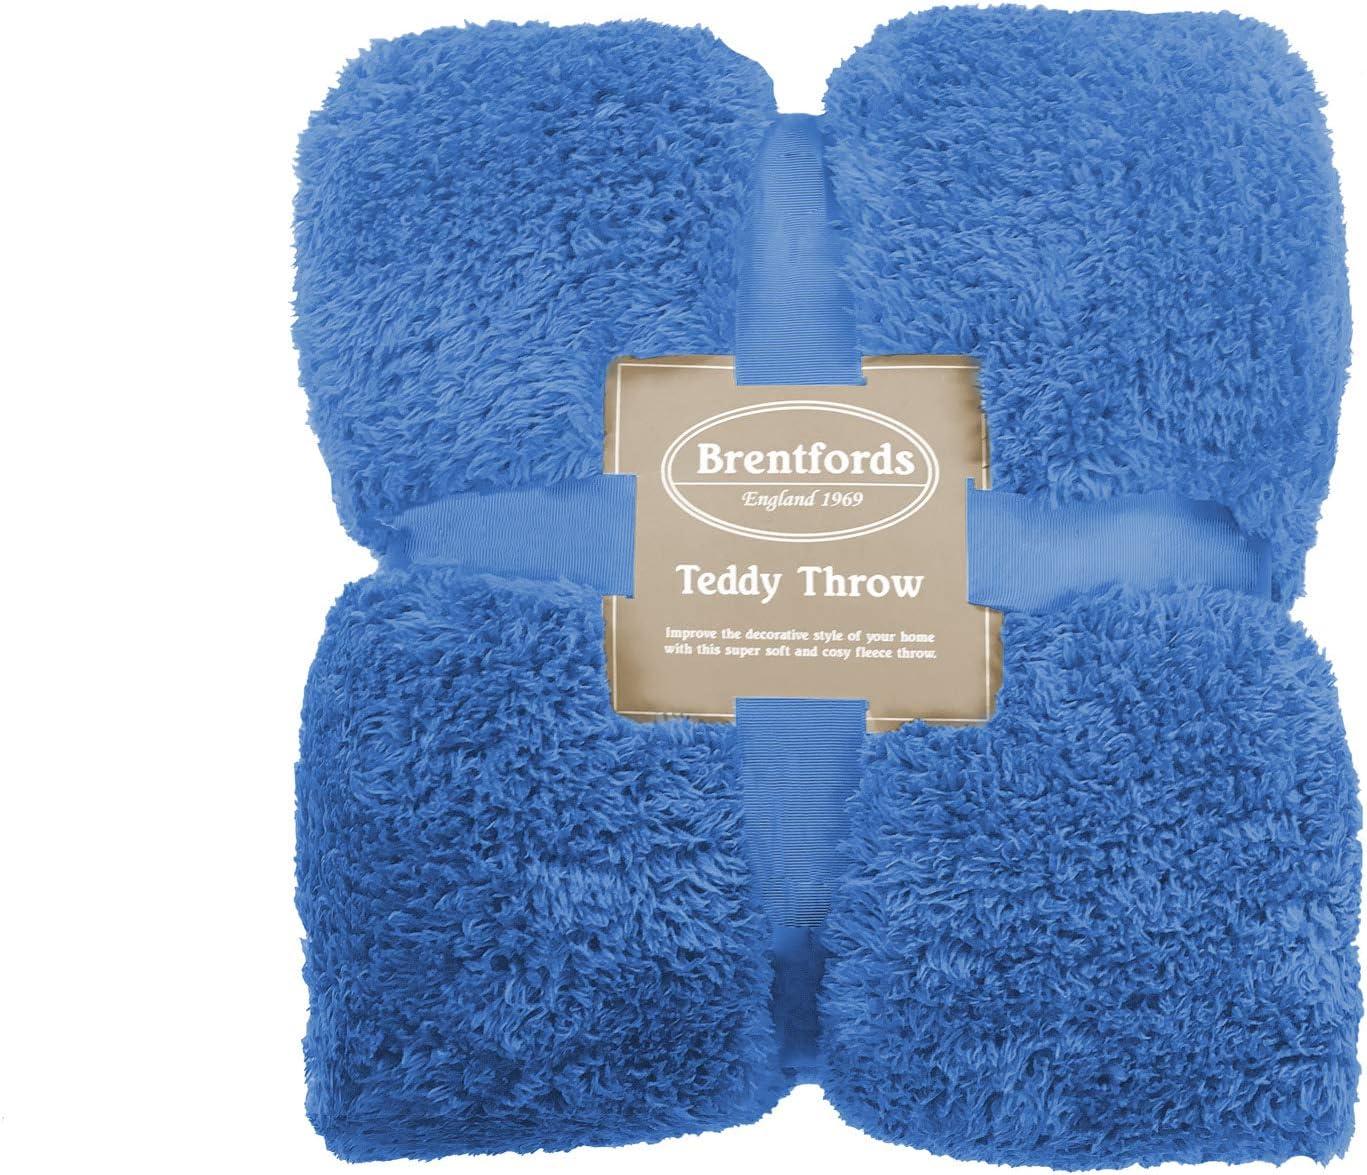 Brentfords Teddy Couvre-lit en Polaire Bleu 100 x 150 cm